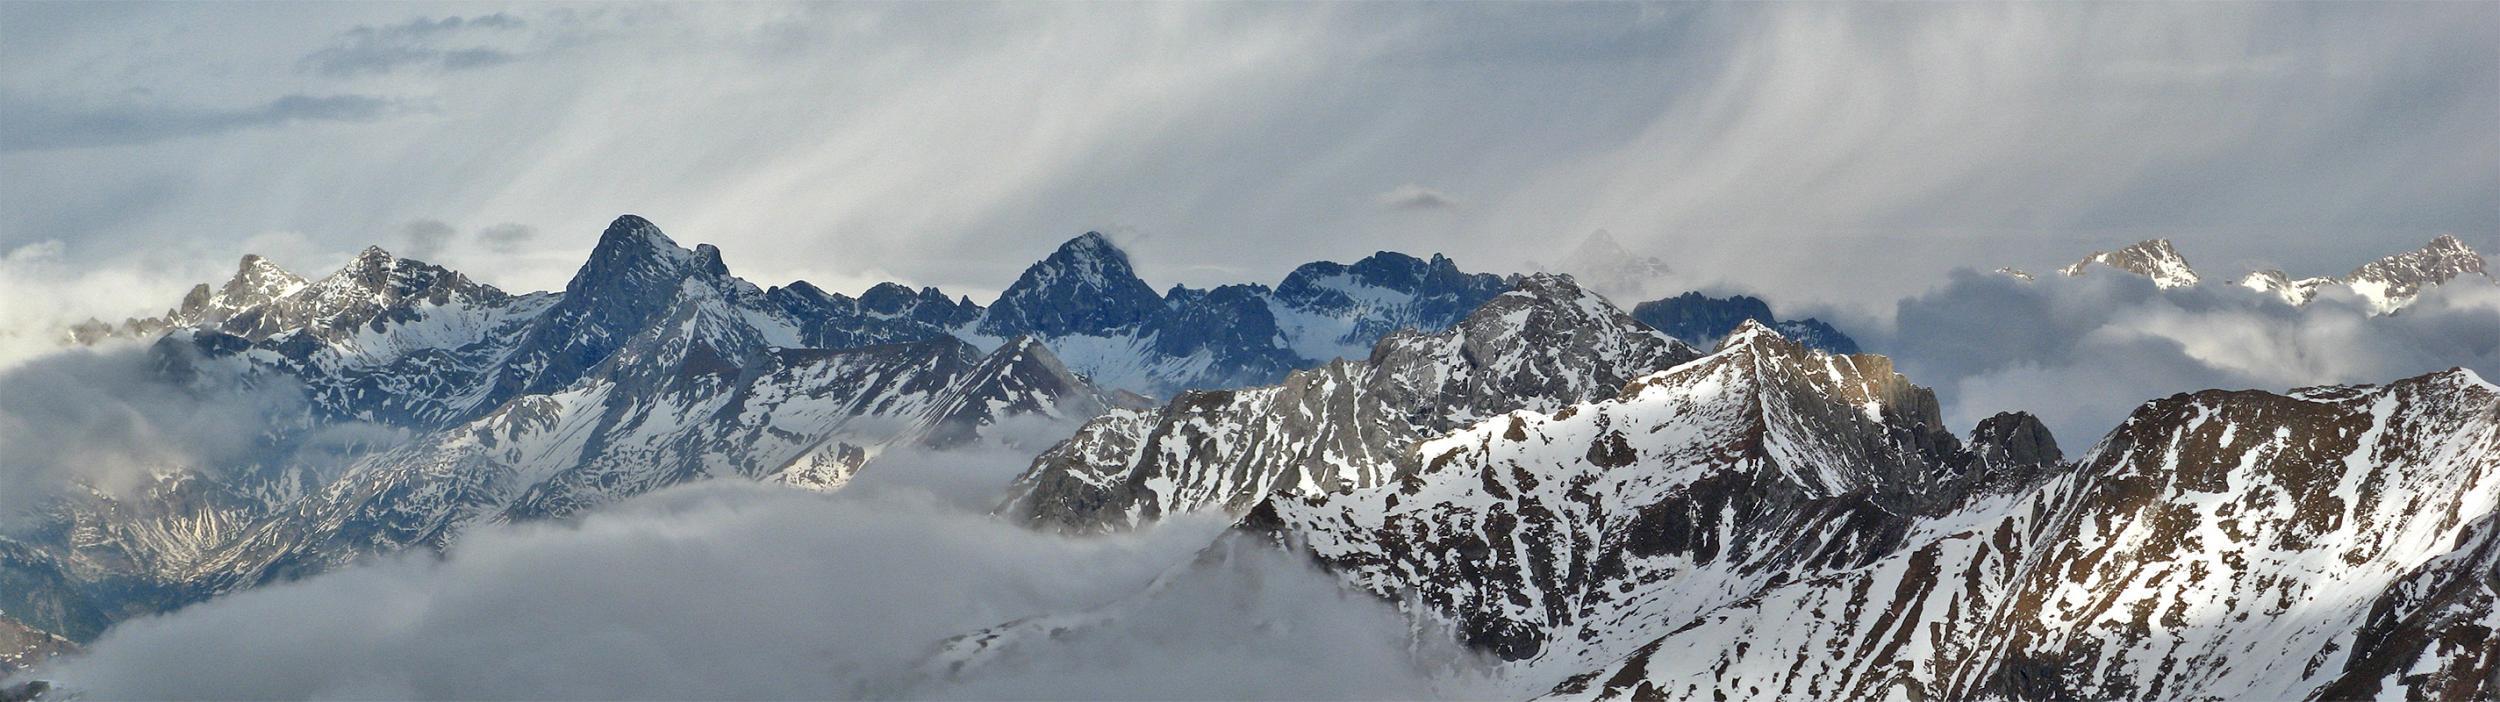 Panoramablick vom Stanskogel auf die benachbarten Lechtaler Gipfel bis hinüber zu den Allgäuer Alpen